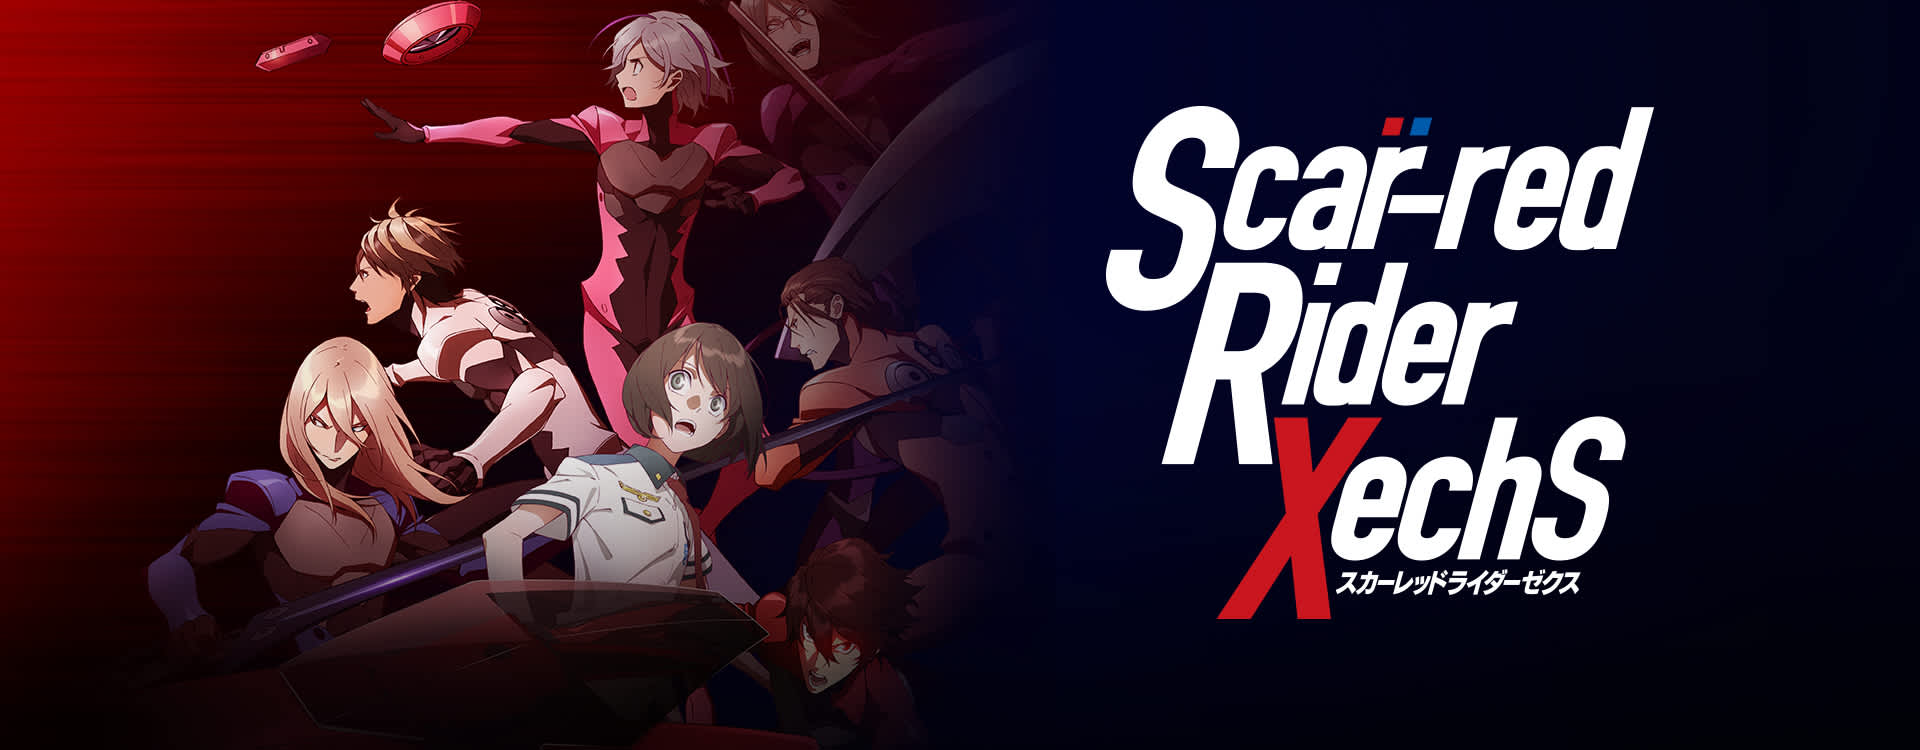 Scar-red Rider XechS